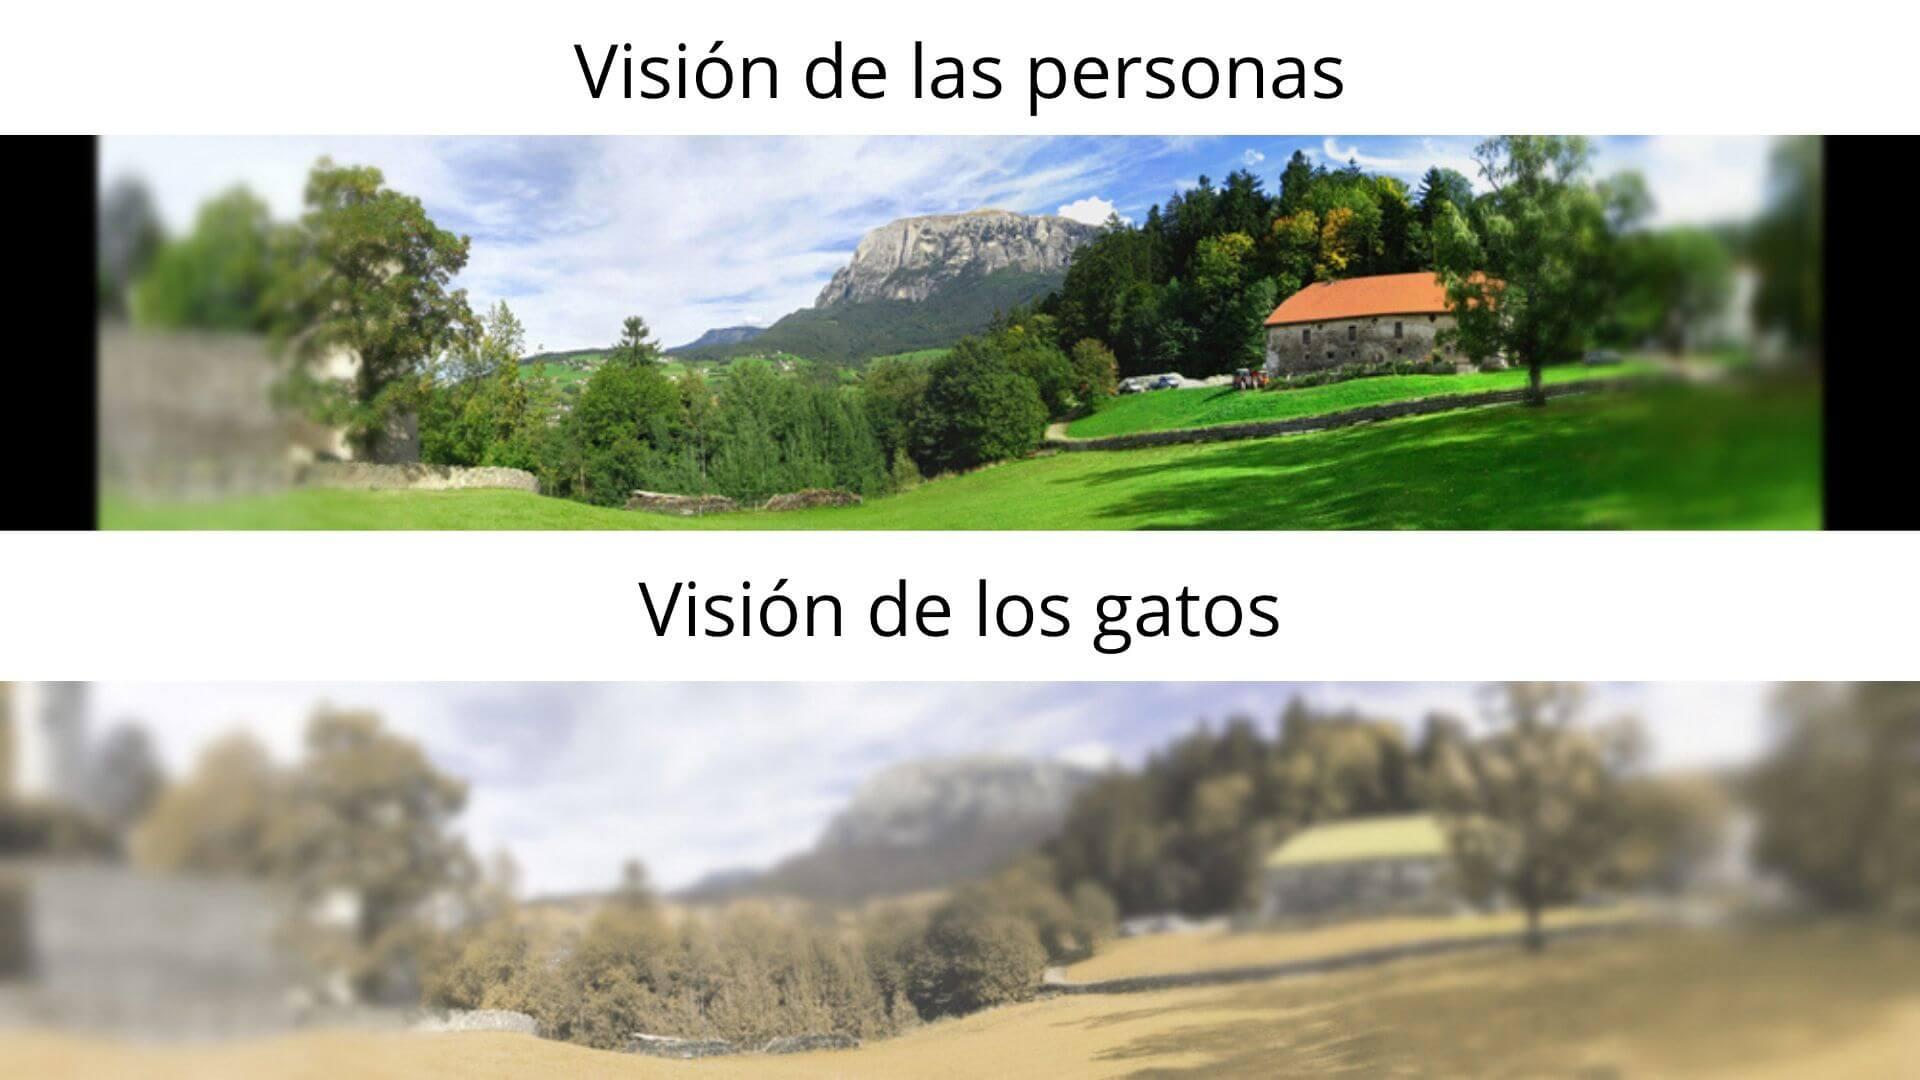 Ejemplo de la visión de los gatos